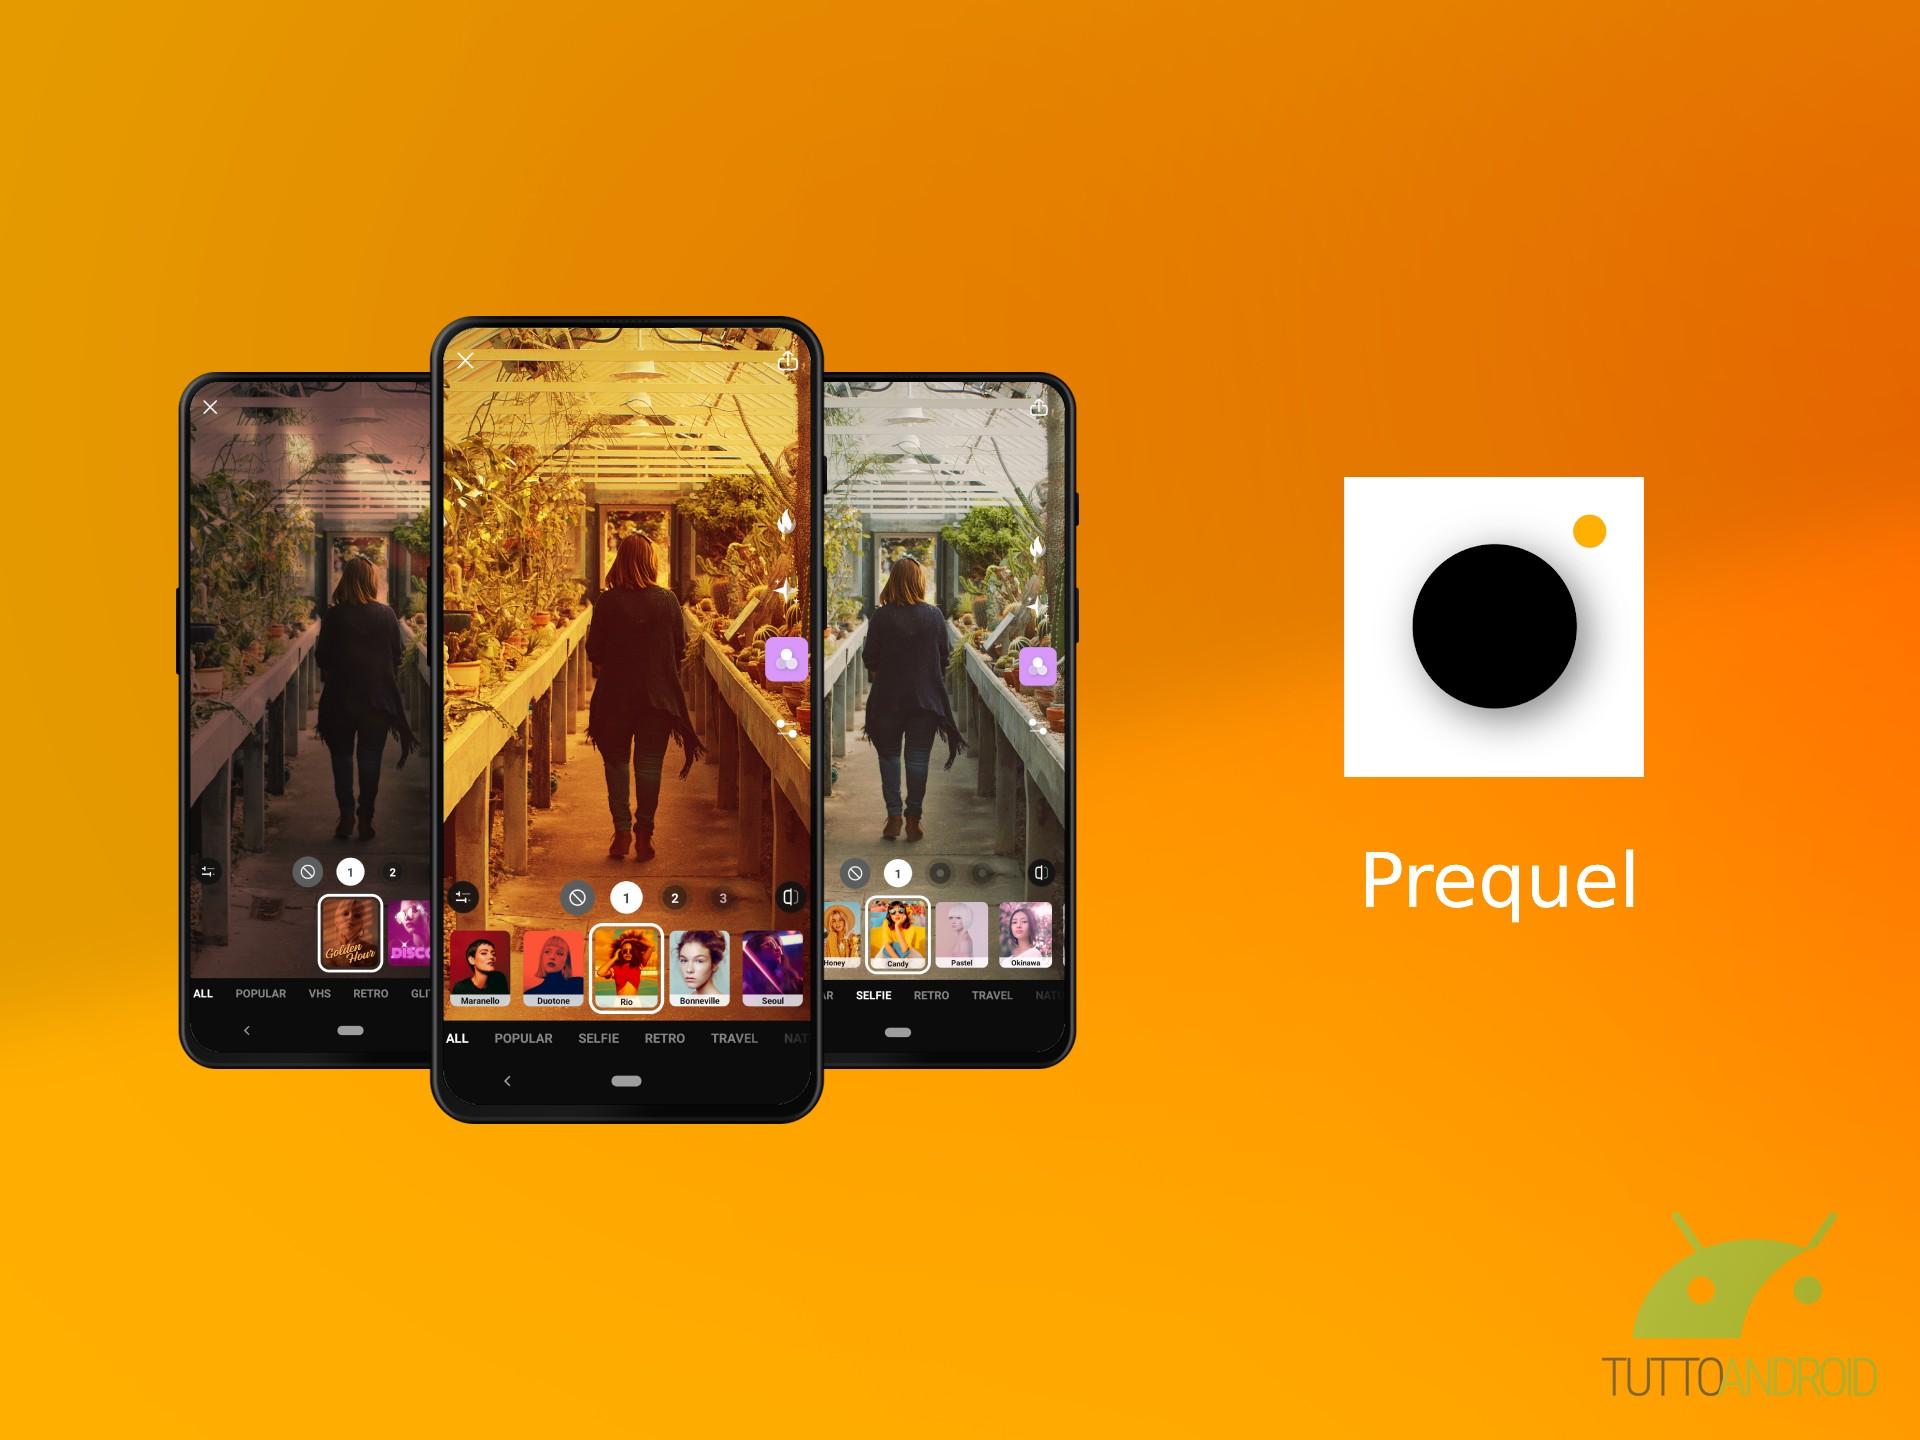 L'app Prequel permette di personalizzare le vostre storie co